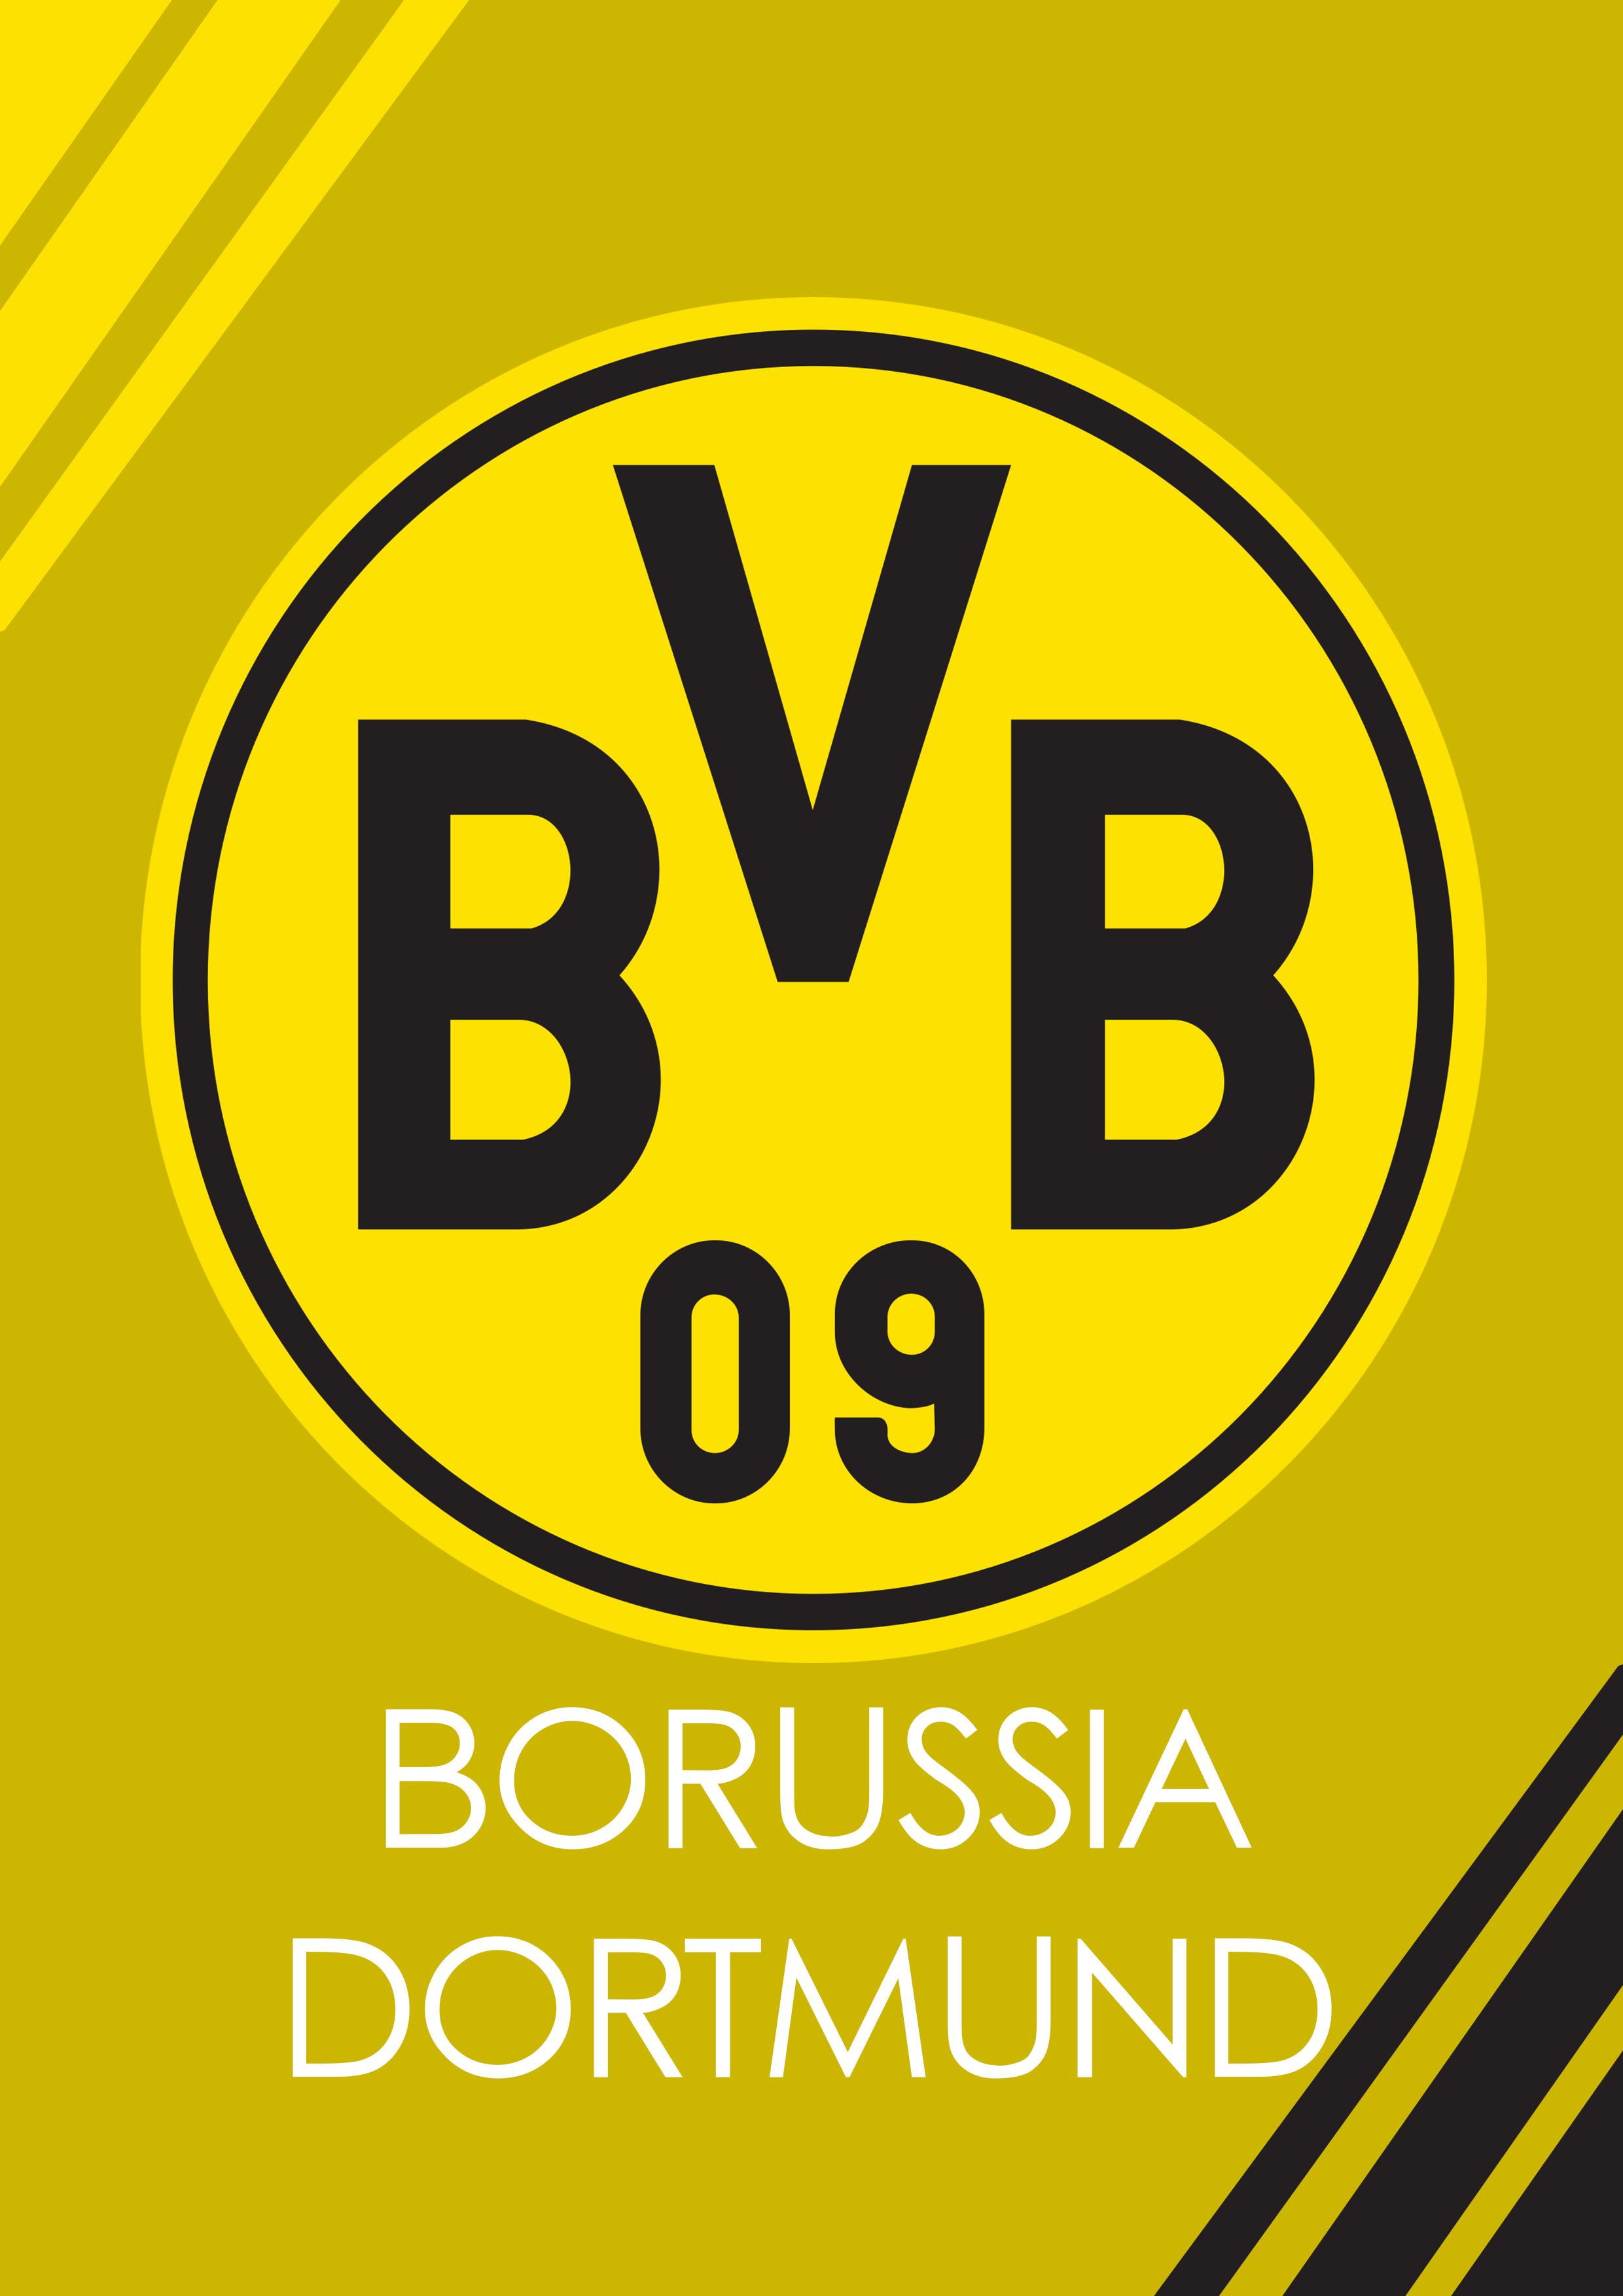 Pin Von Mohamed Mohe Auf Fifa Borussia Dortmund Wallpaper Borussia Dortmund Bvb Dortmund